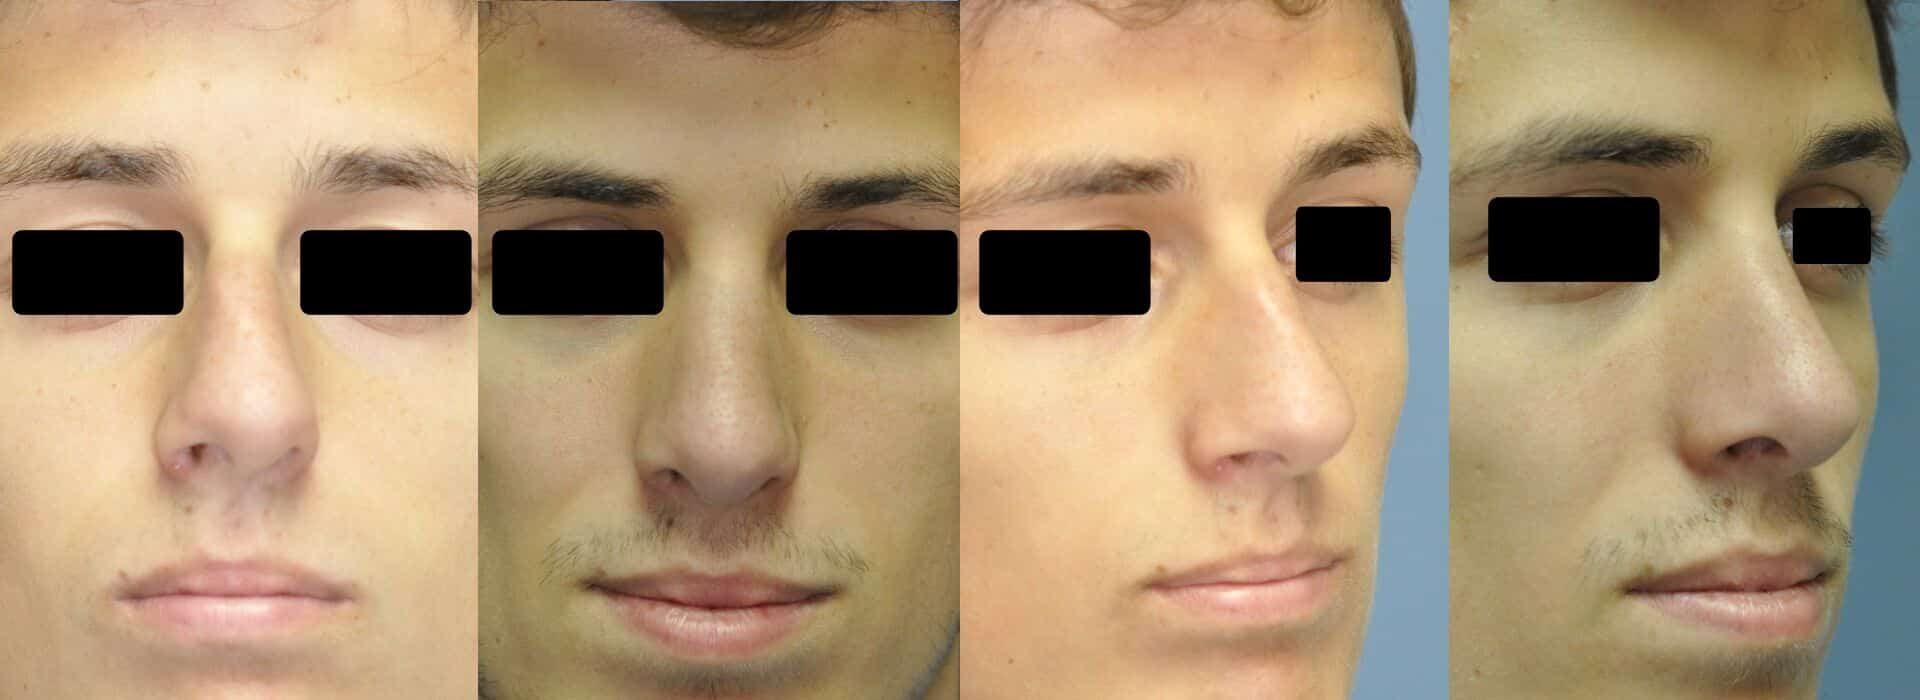 Antes y después de la rinoplastia en un hombre